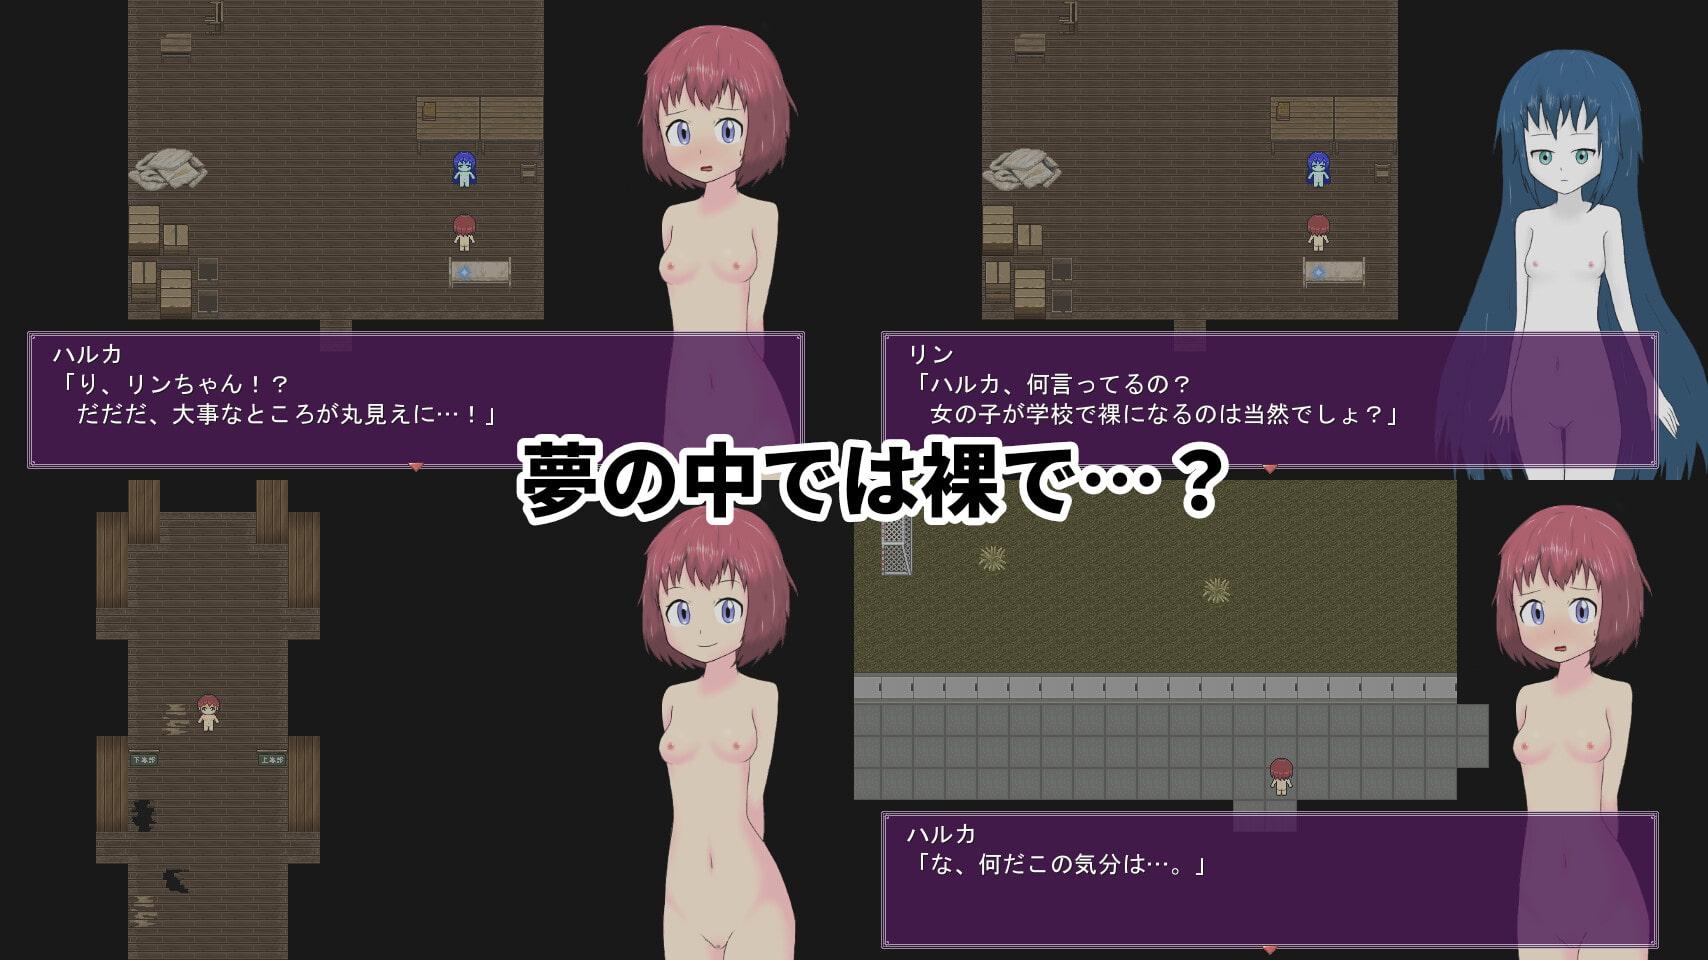 RJ323726 神隠しの廃校舎~少女たちの羞恥体験~ [20210725]